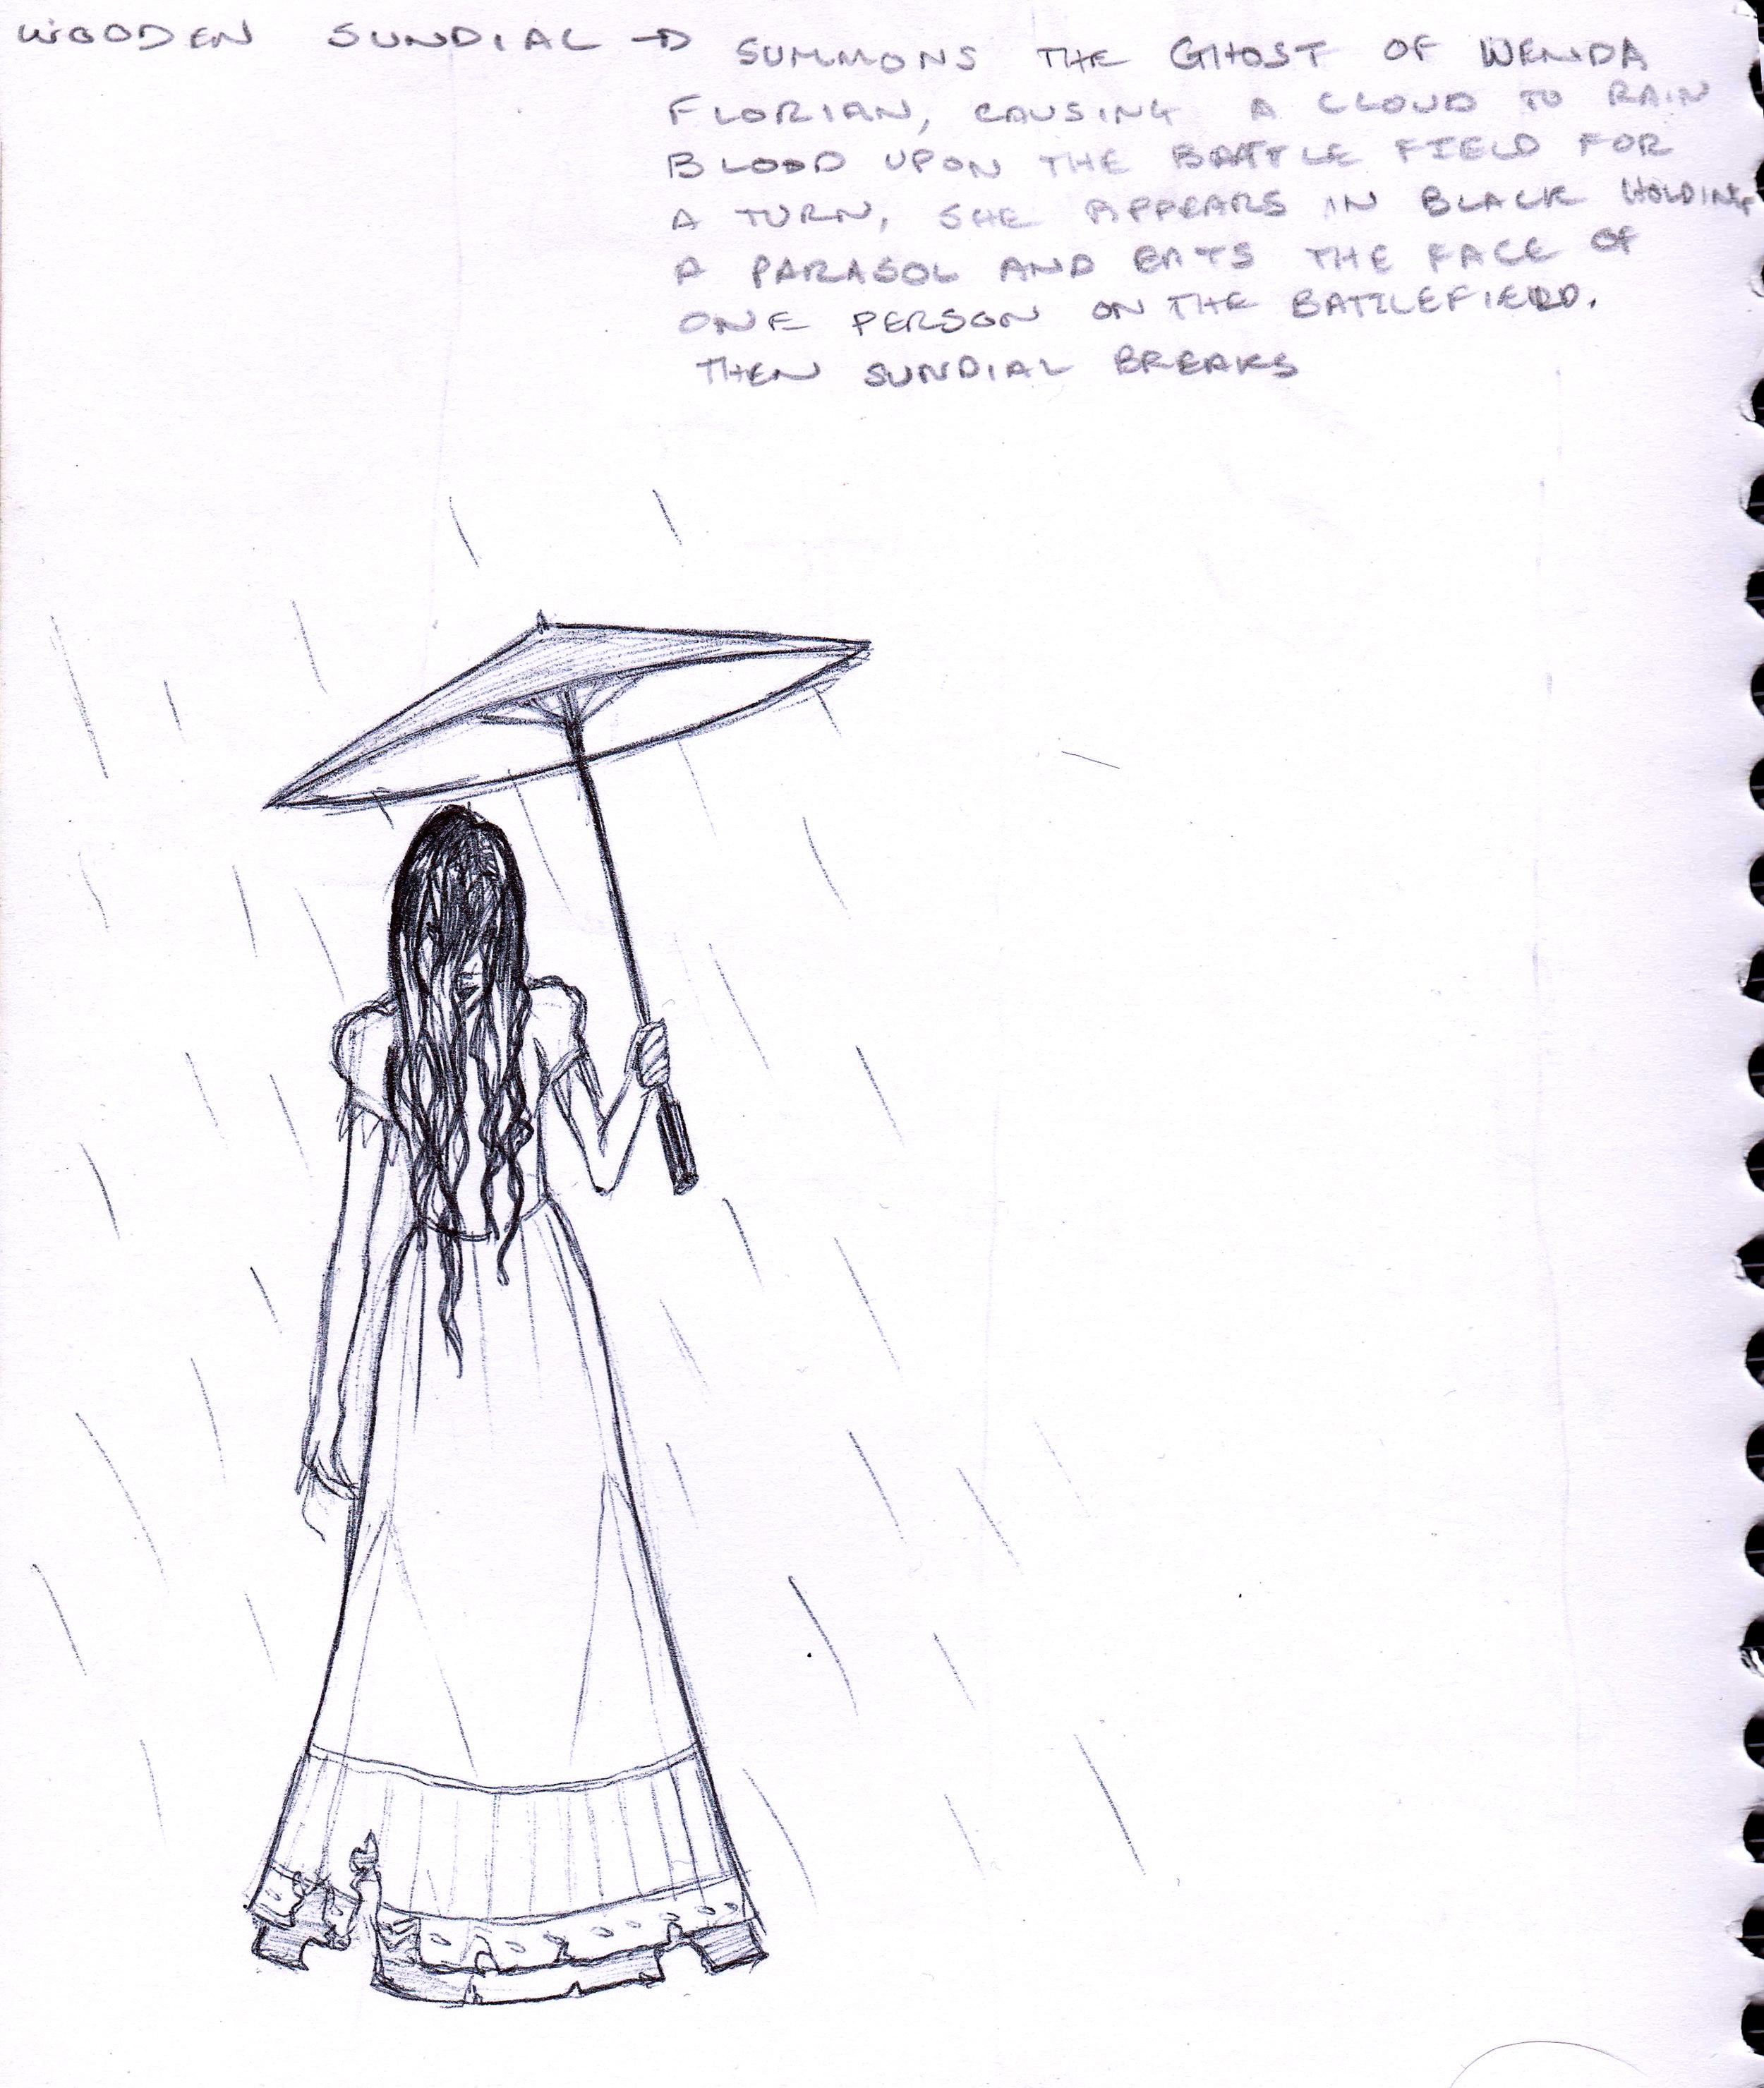 ch10.1_notebook_01.jpg